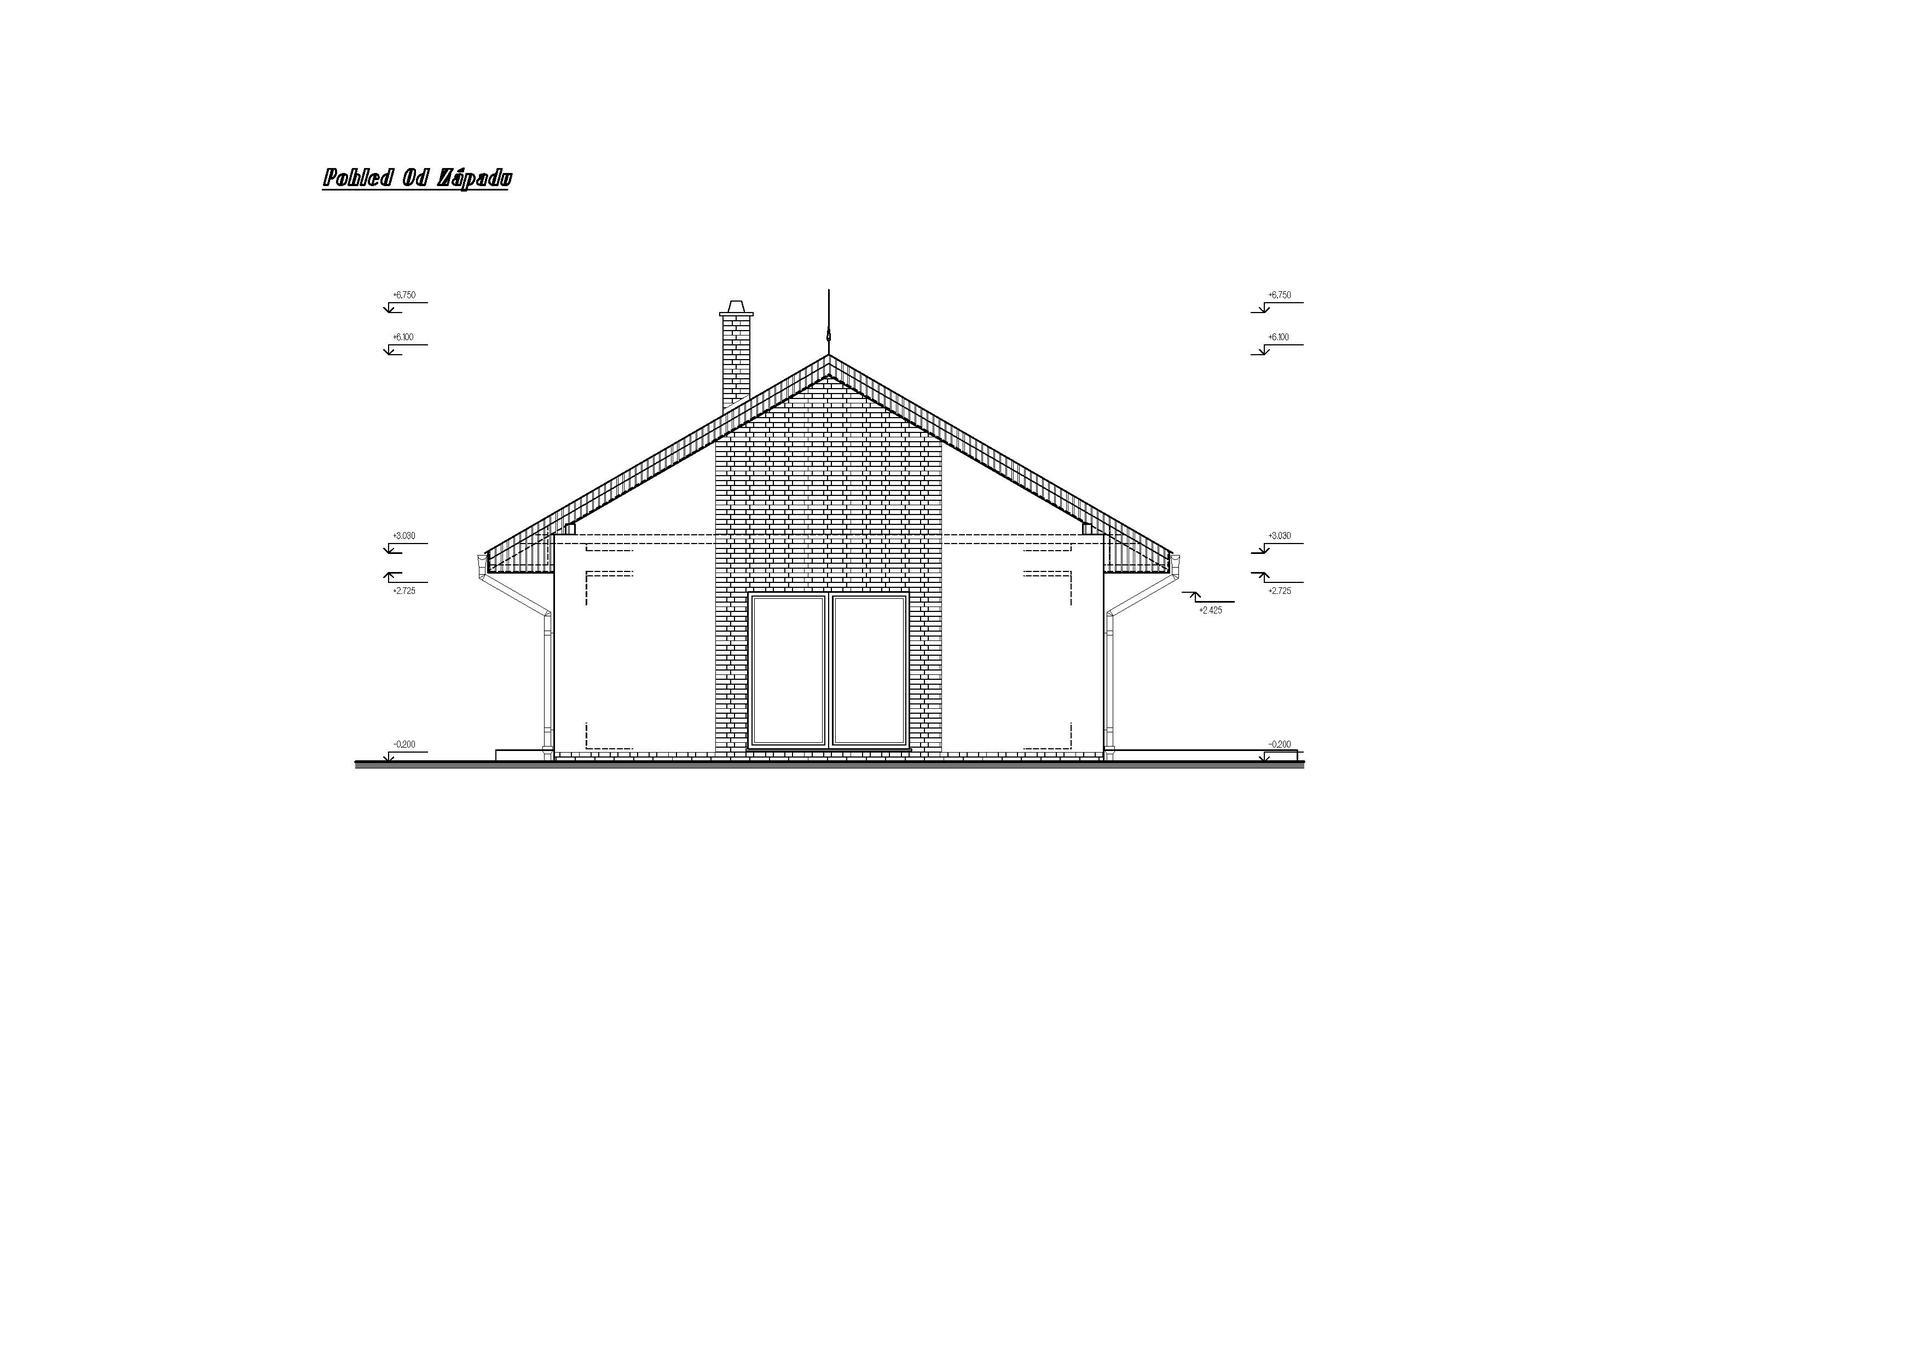 Vesnický mini dům - 1. verze návrhu studie - pohled ze západu.   Místo obložení cihličkami bude obložení dřevem - modřínem nebo cedrem :)